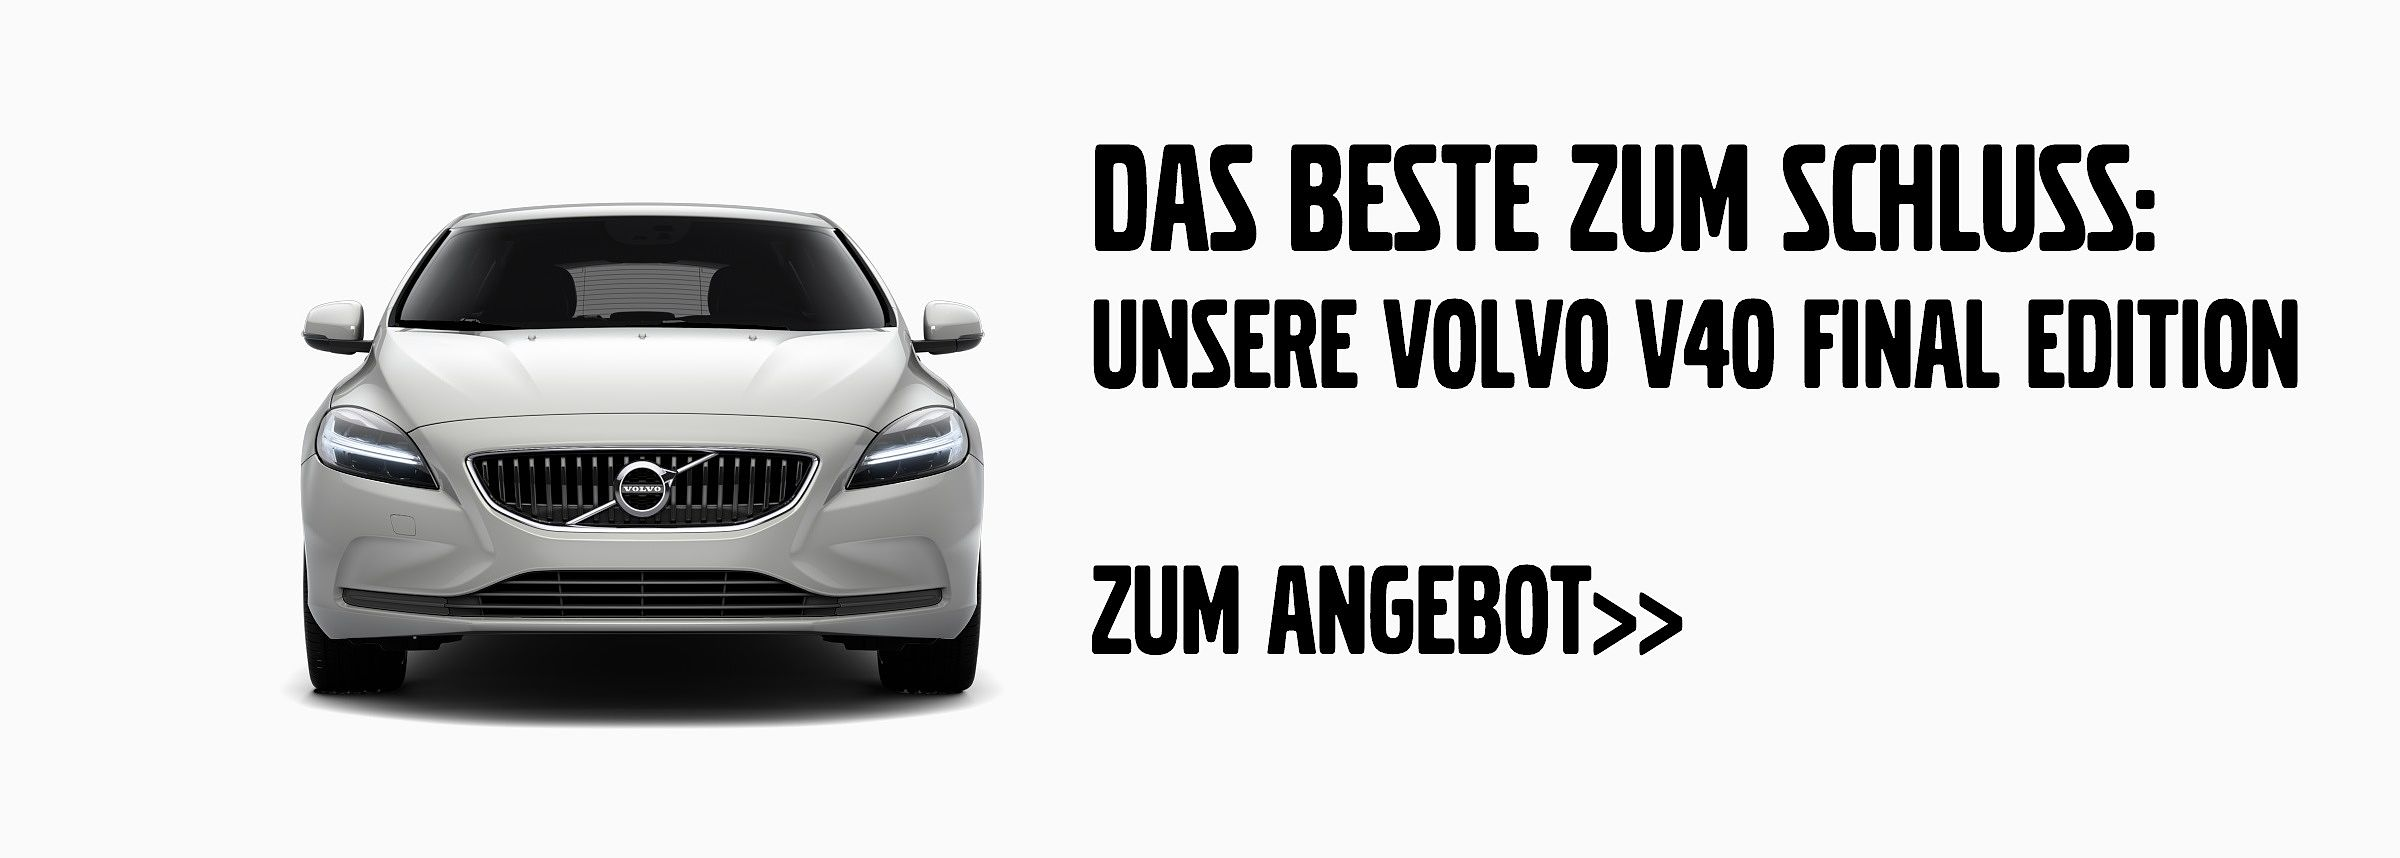 Volvo Vertragshändler Seit 1973